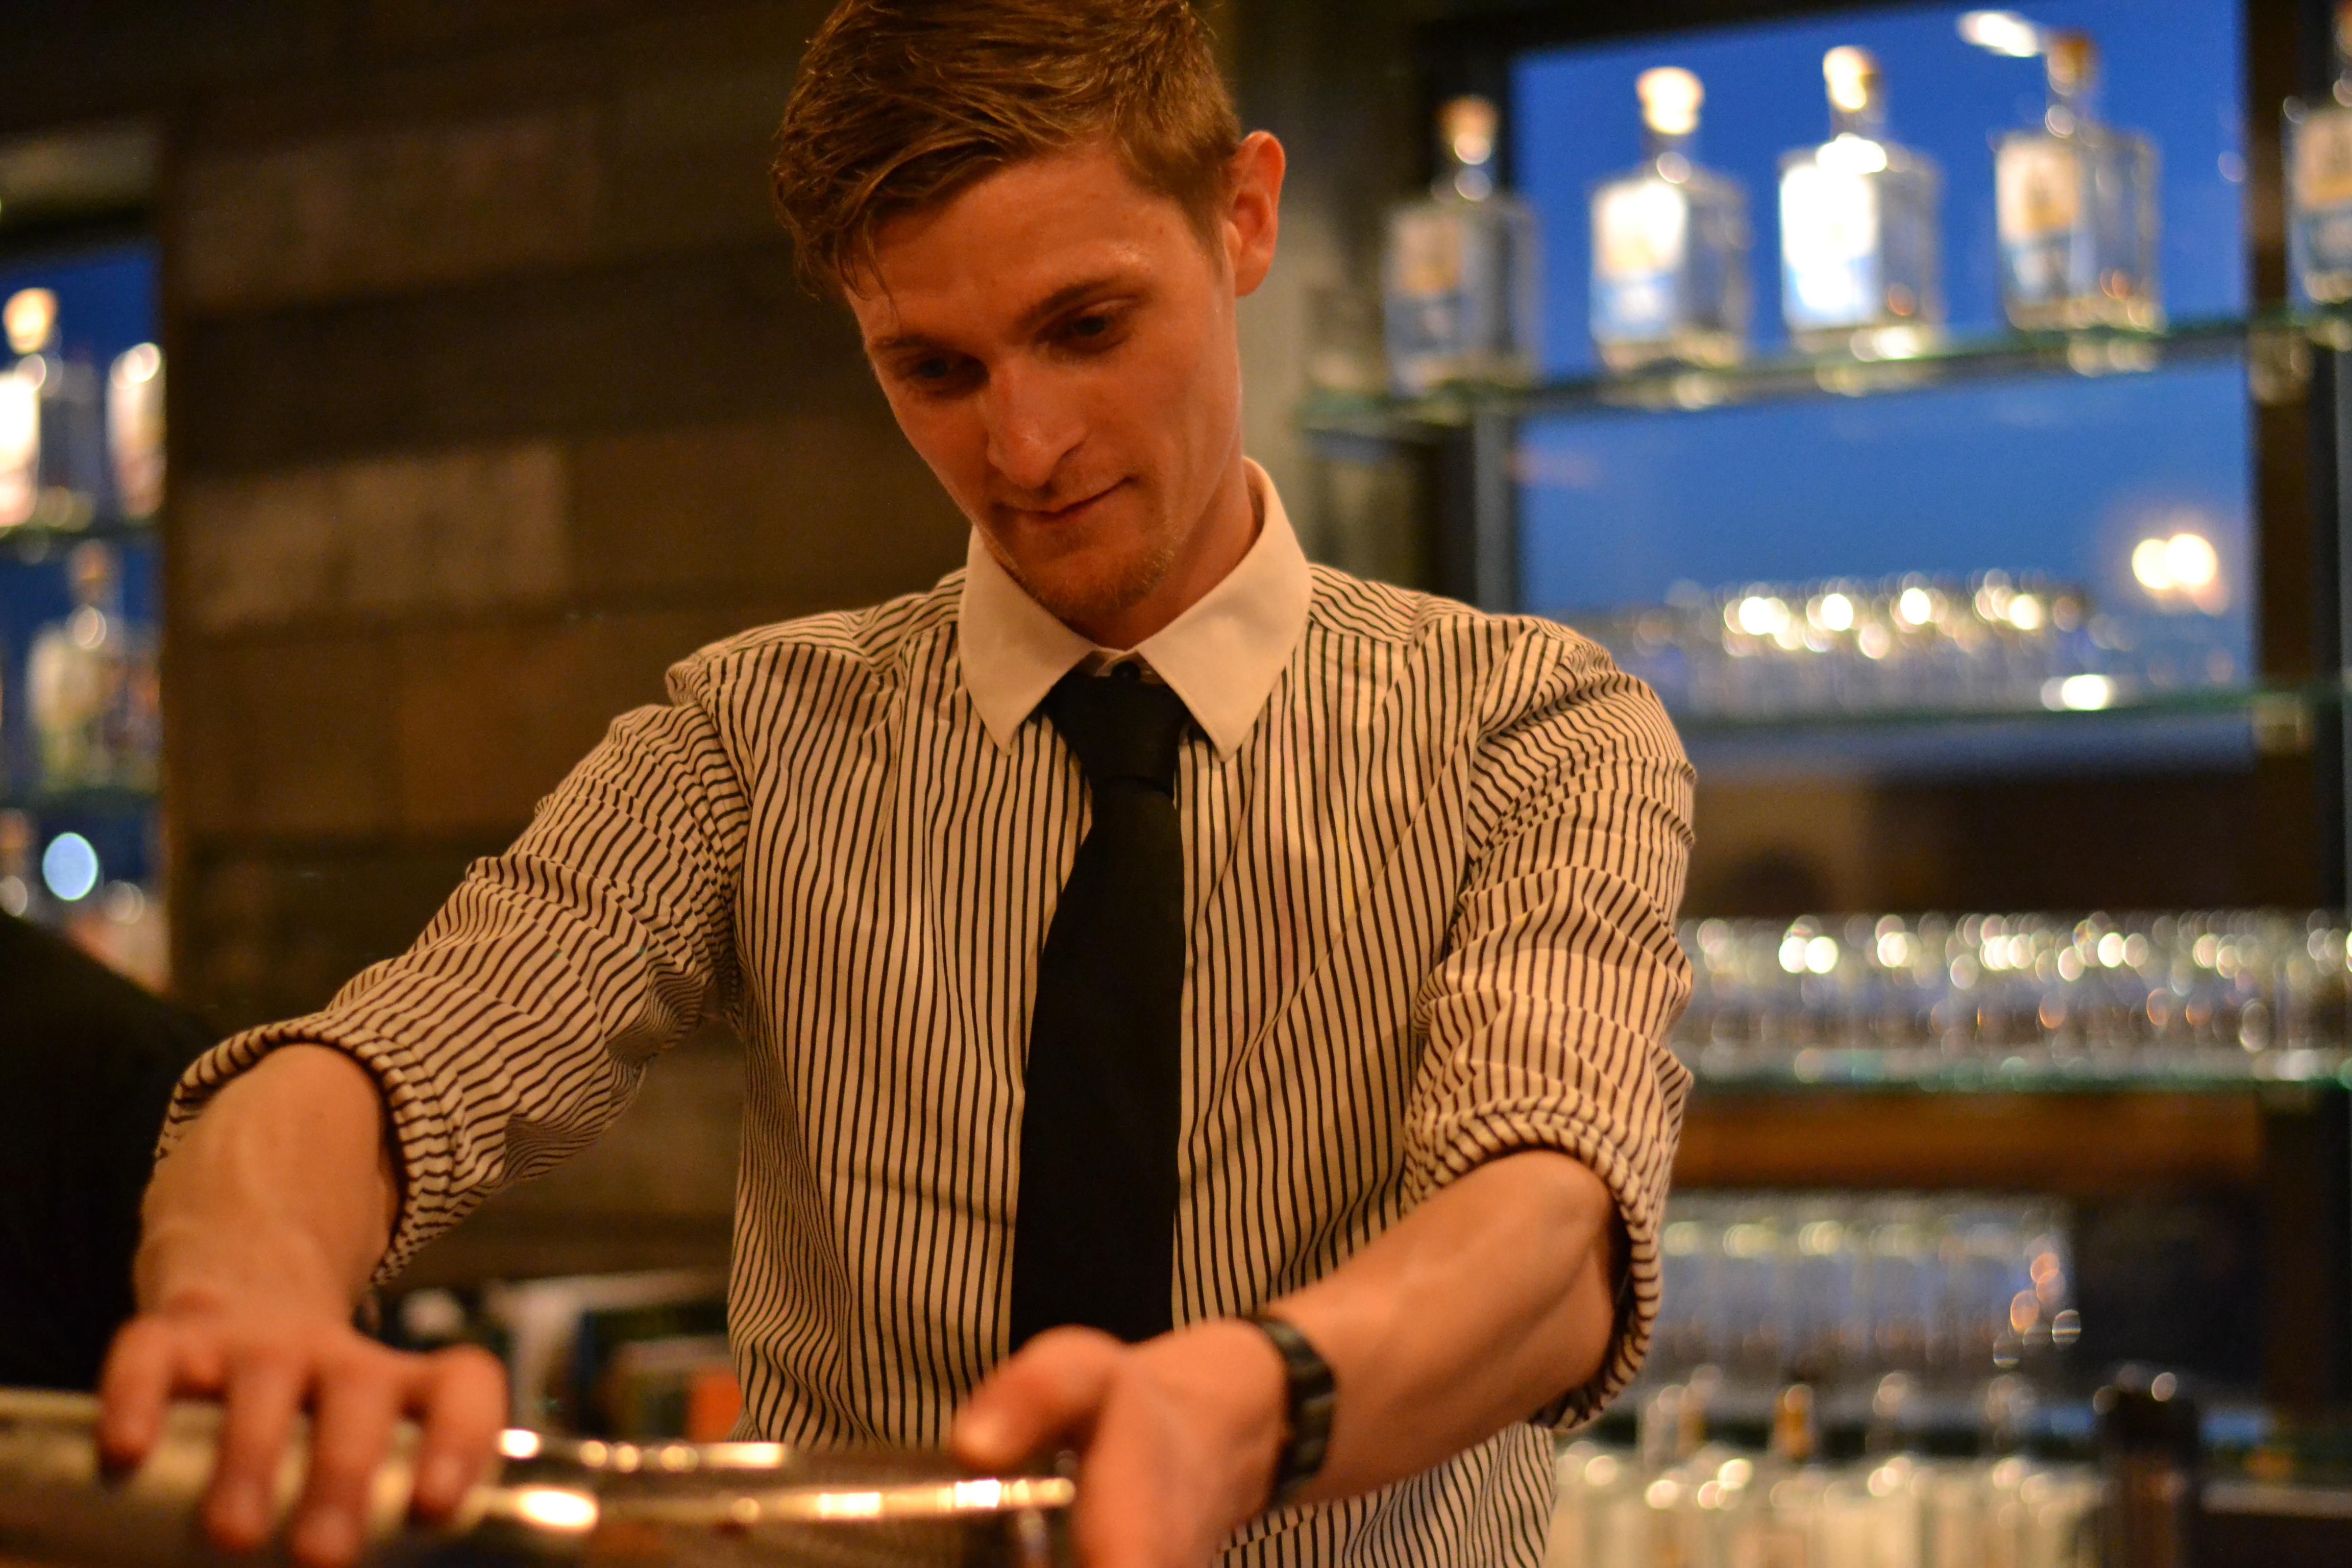 Bartender_Pour.JPG